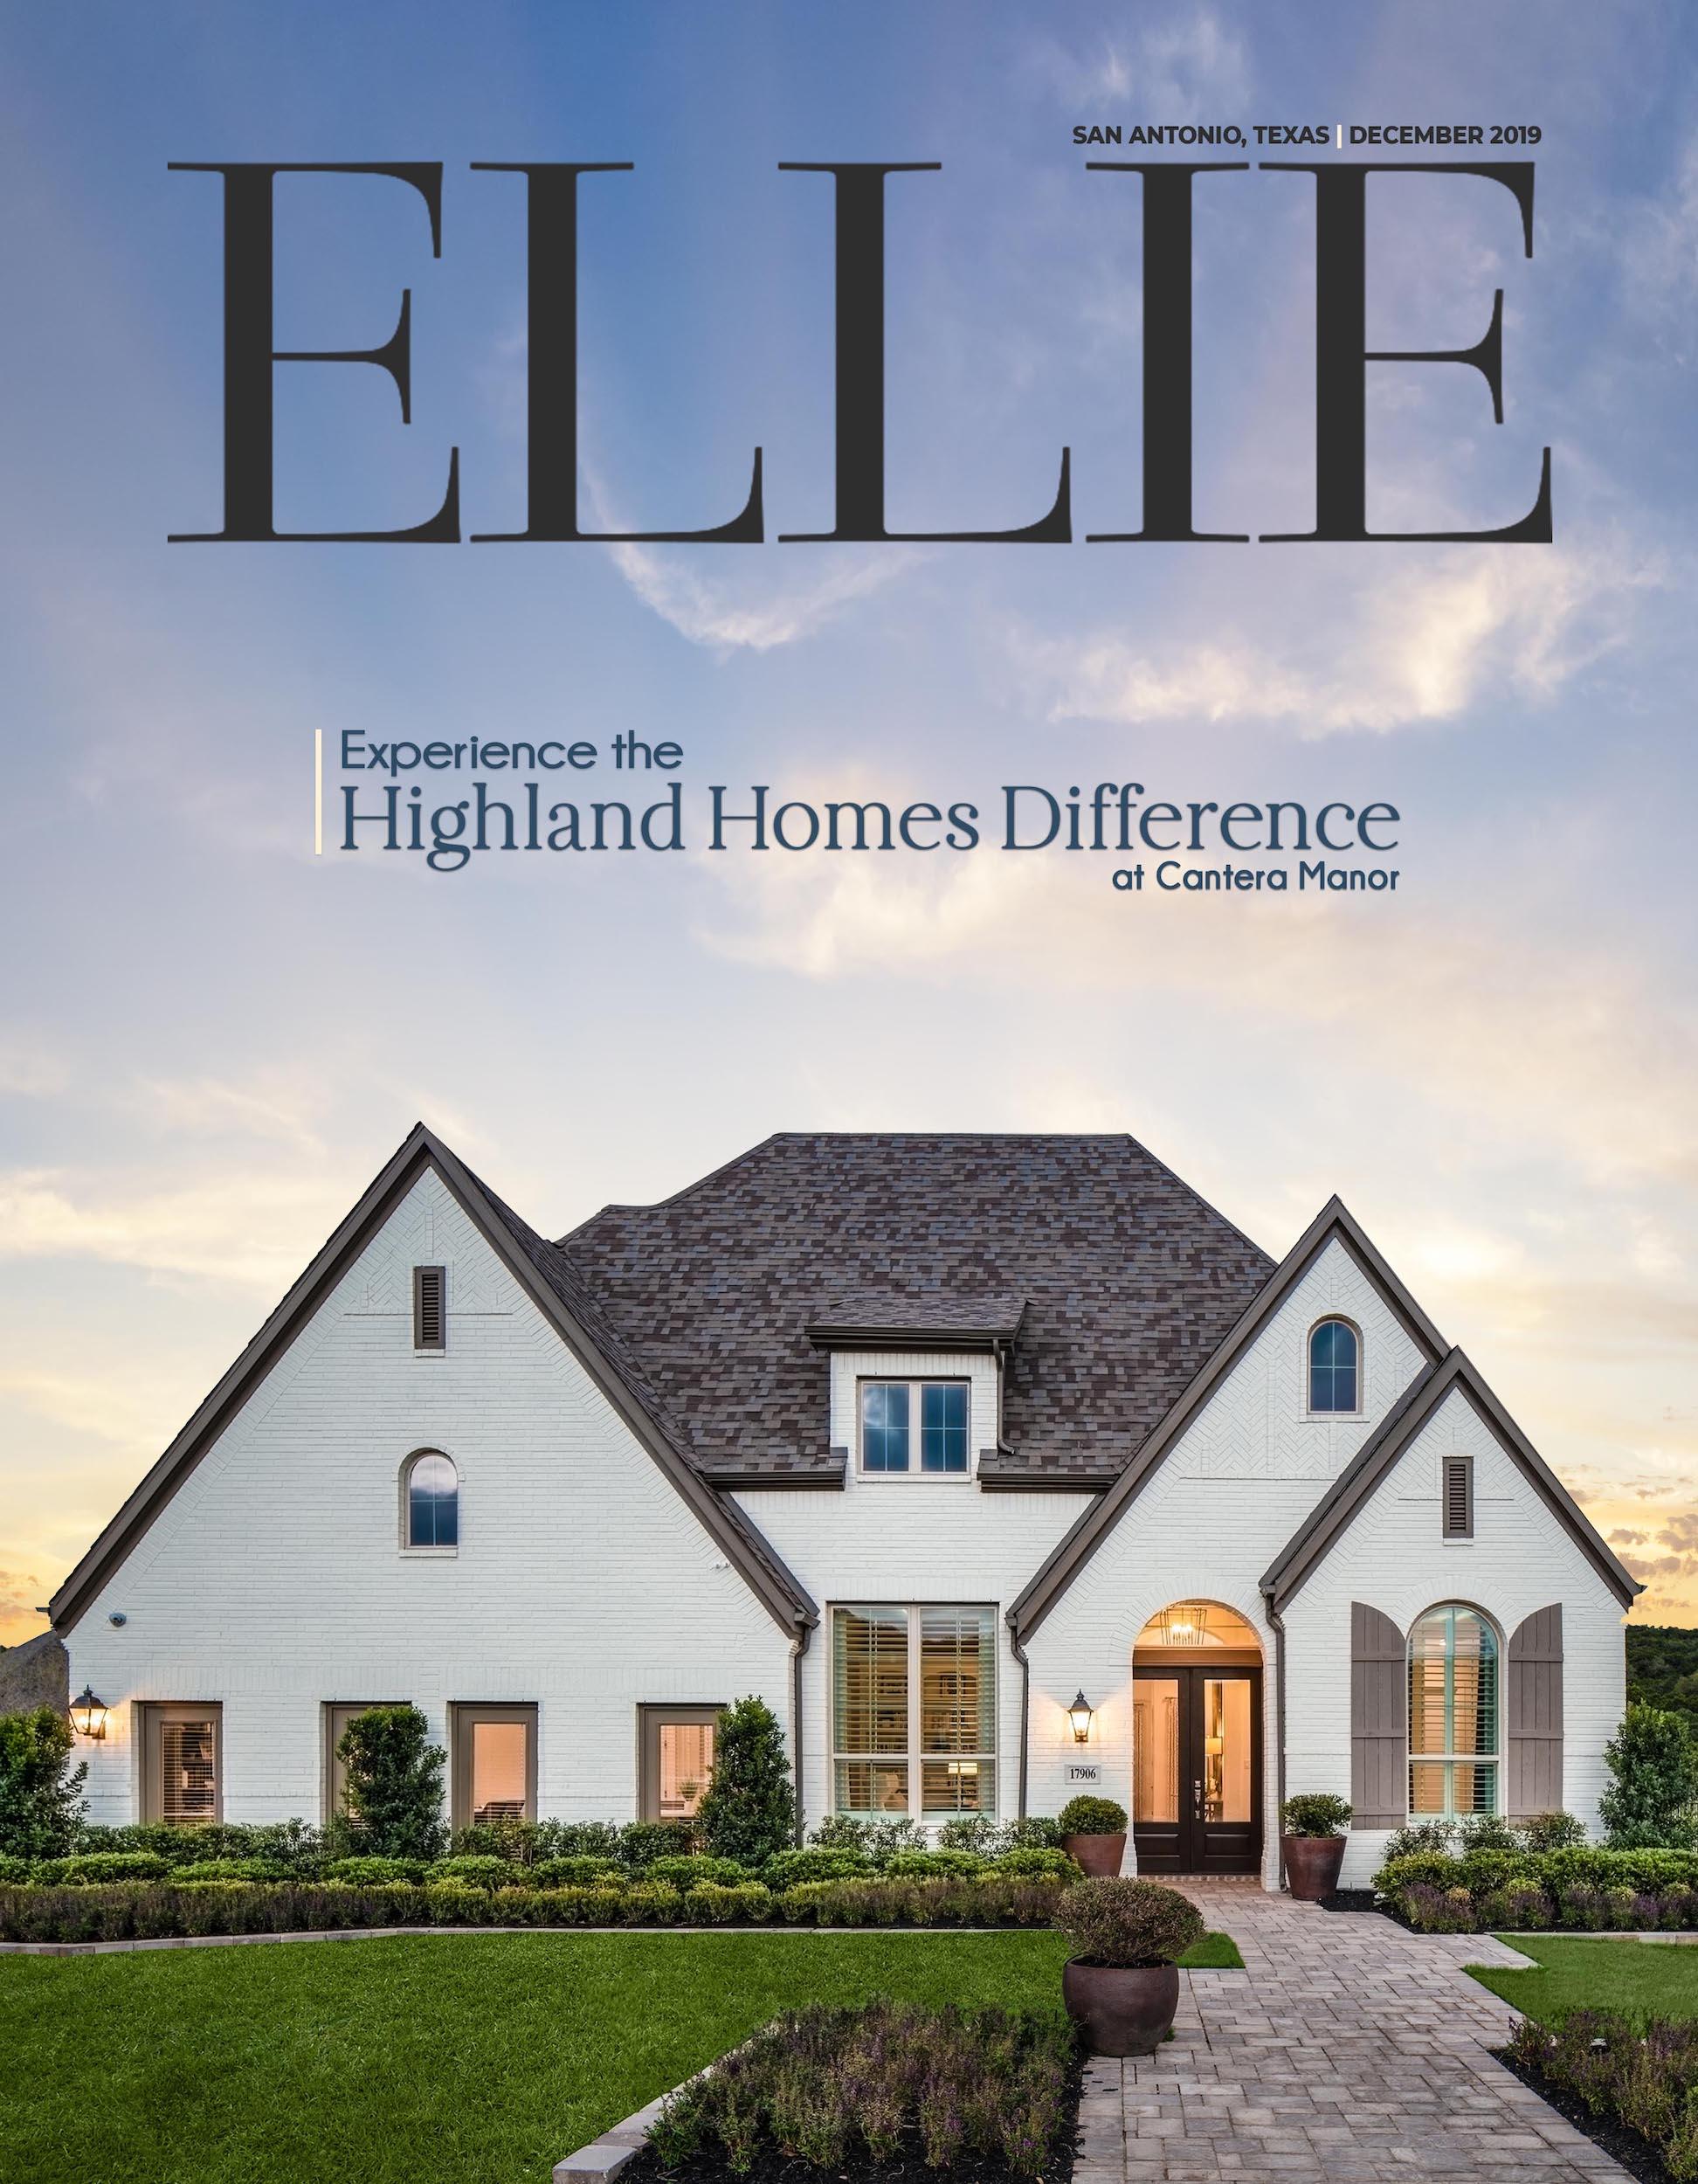 Highland Homes at Cantera Manor